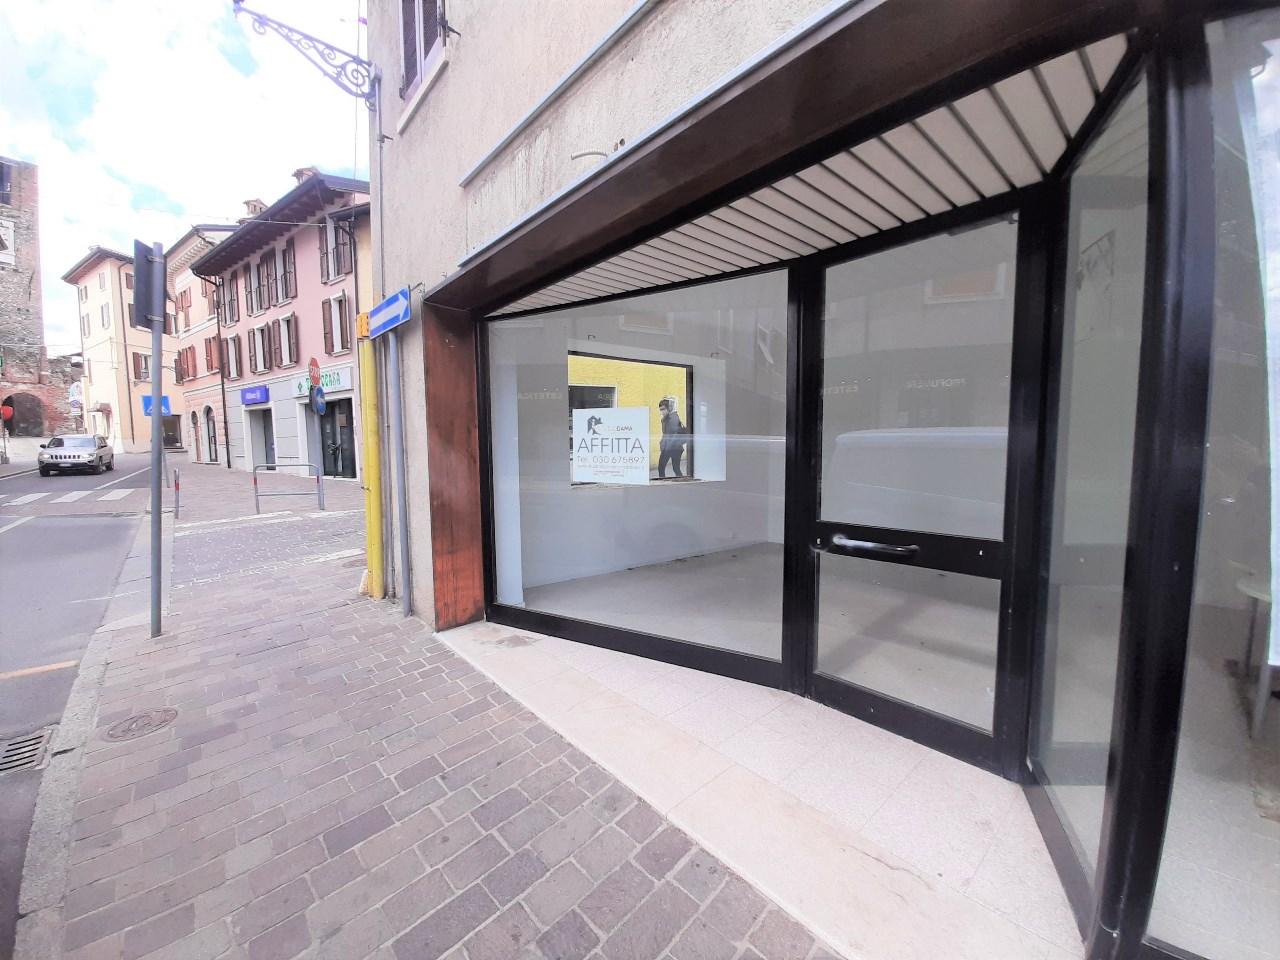 Negozio / Locale in affitto a Bedizzole, 1 locali, prezzo € 450 | PortaleAgenzieImmobiliari.it